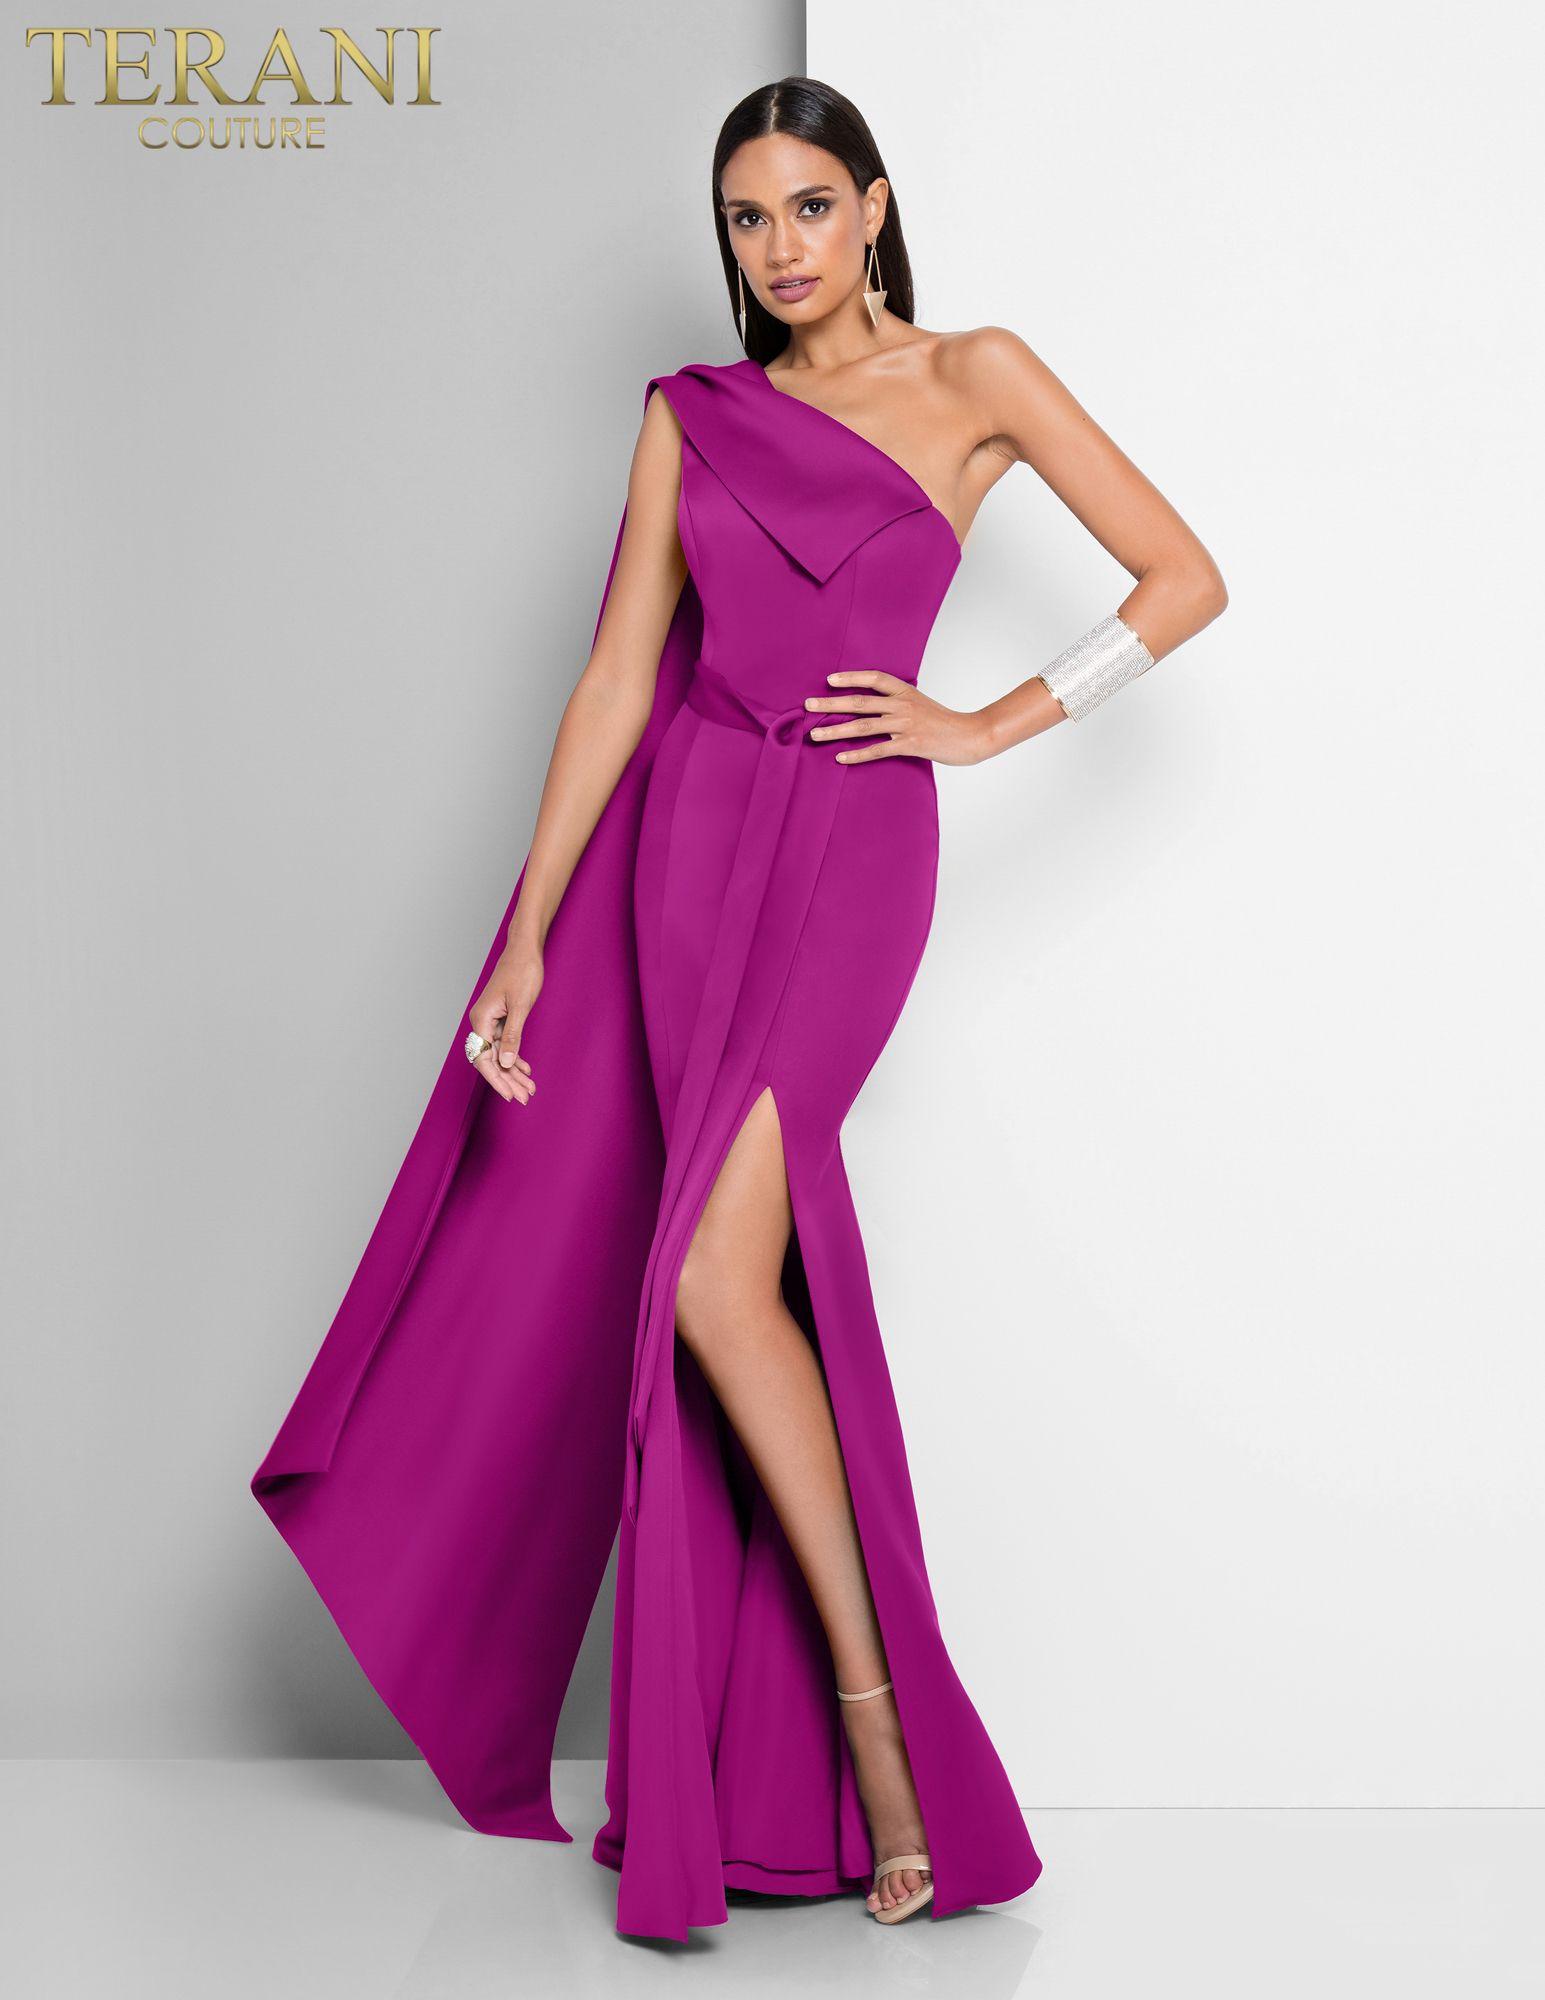 Lujo Moda 2000 Vestidos De Fiesta Composición - Colección de ...